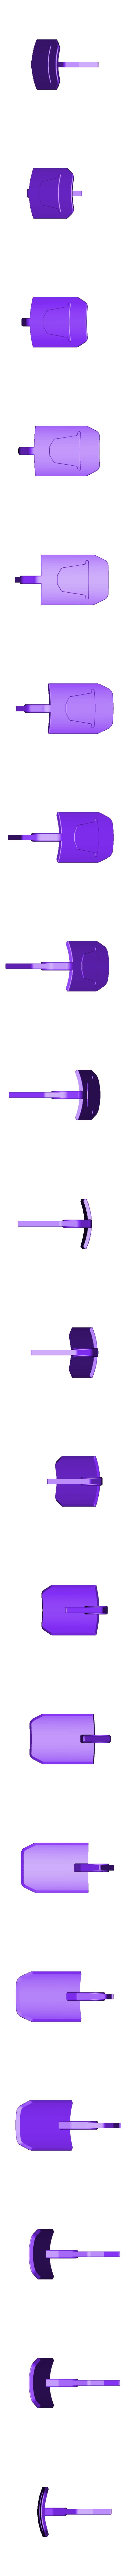 Cover.stl Télécharger fichier STL gratuit MACHINE À CAFÉ JOUET • Design pour imprimante 3D, 3DWORKBENCH